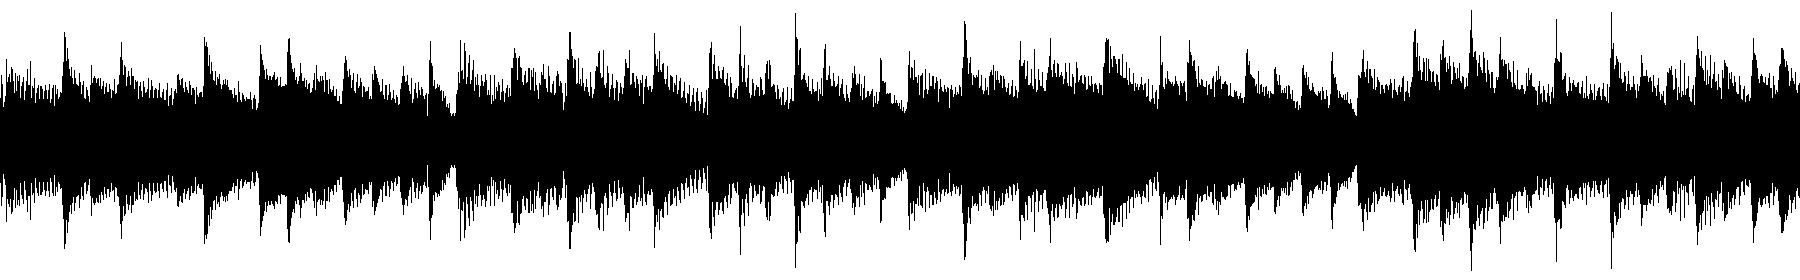 88 a piano smashit 01